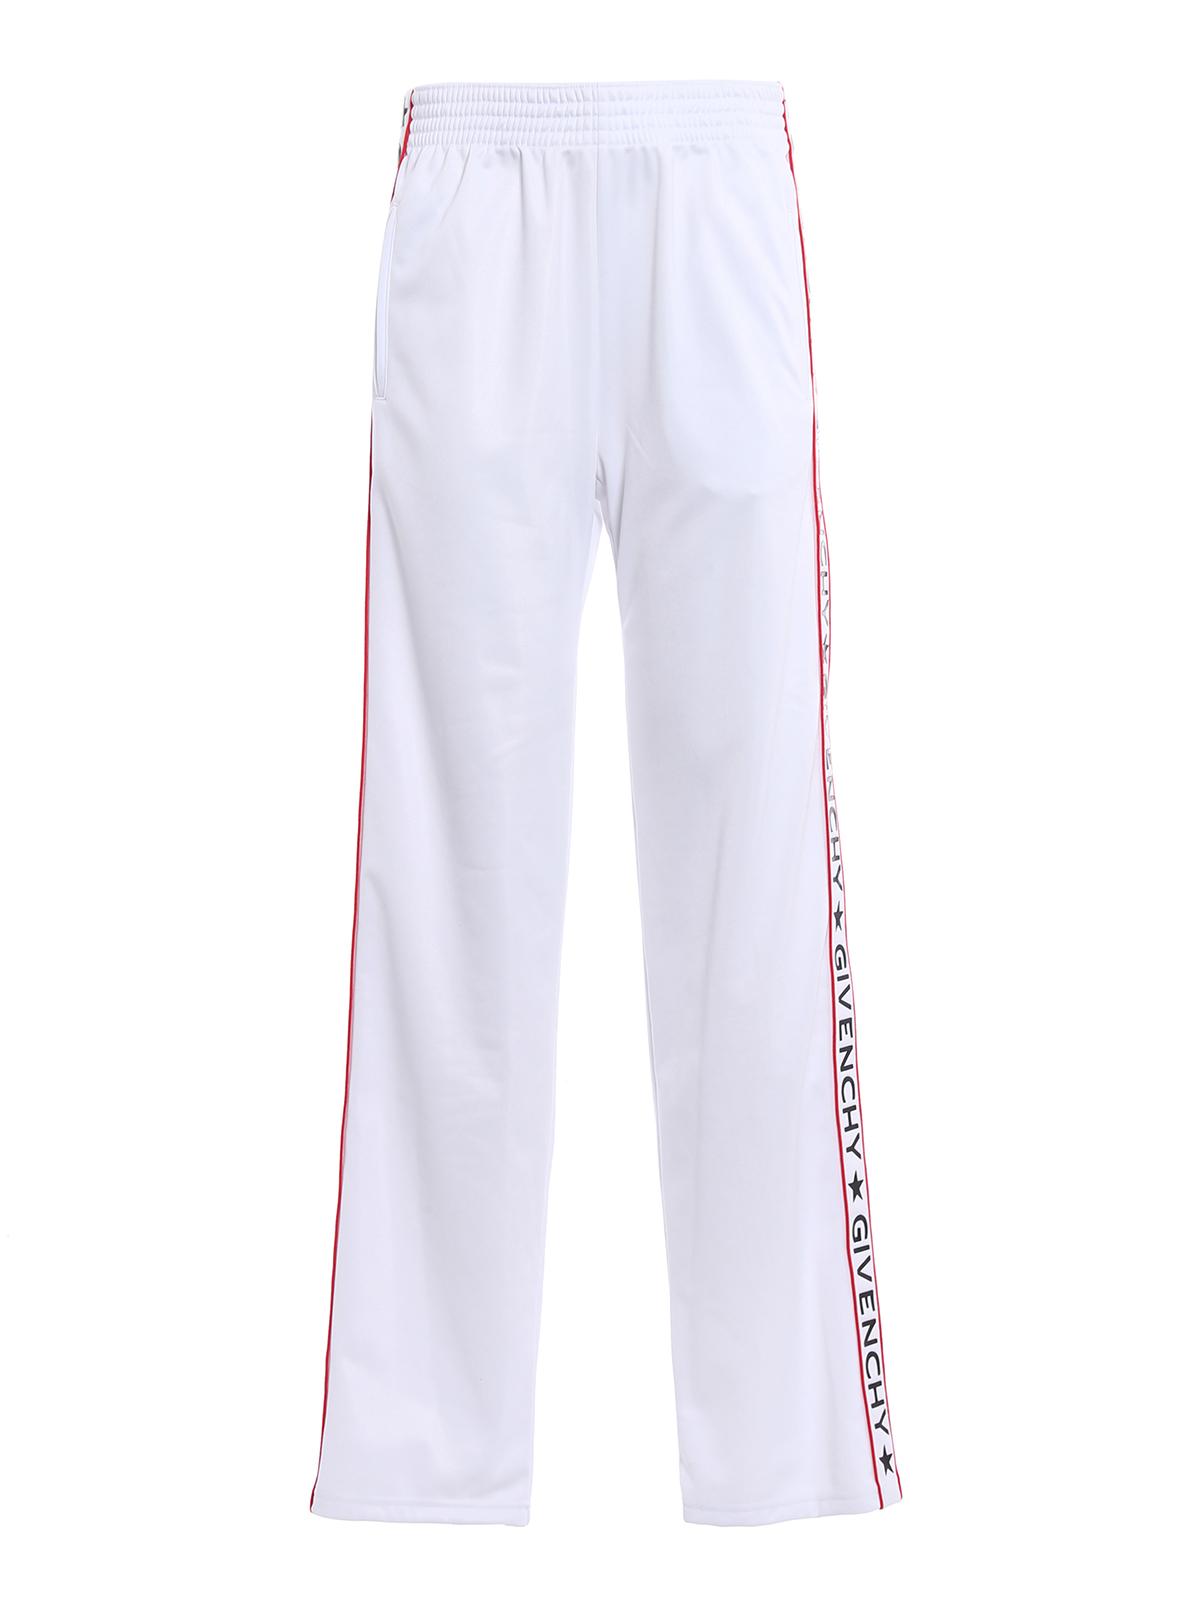 Mujer Chándal Blanco Para Givenchy Pantalón Pantalones rdBoexC